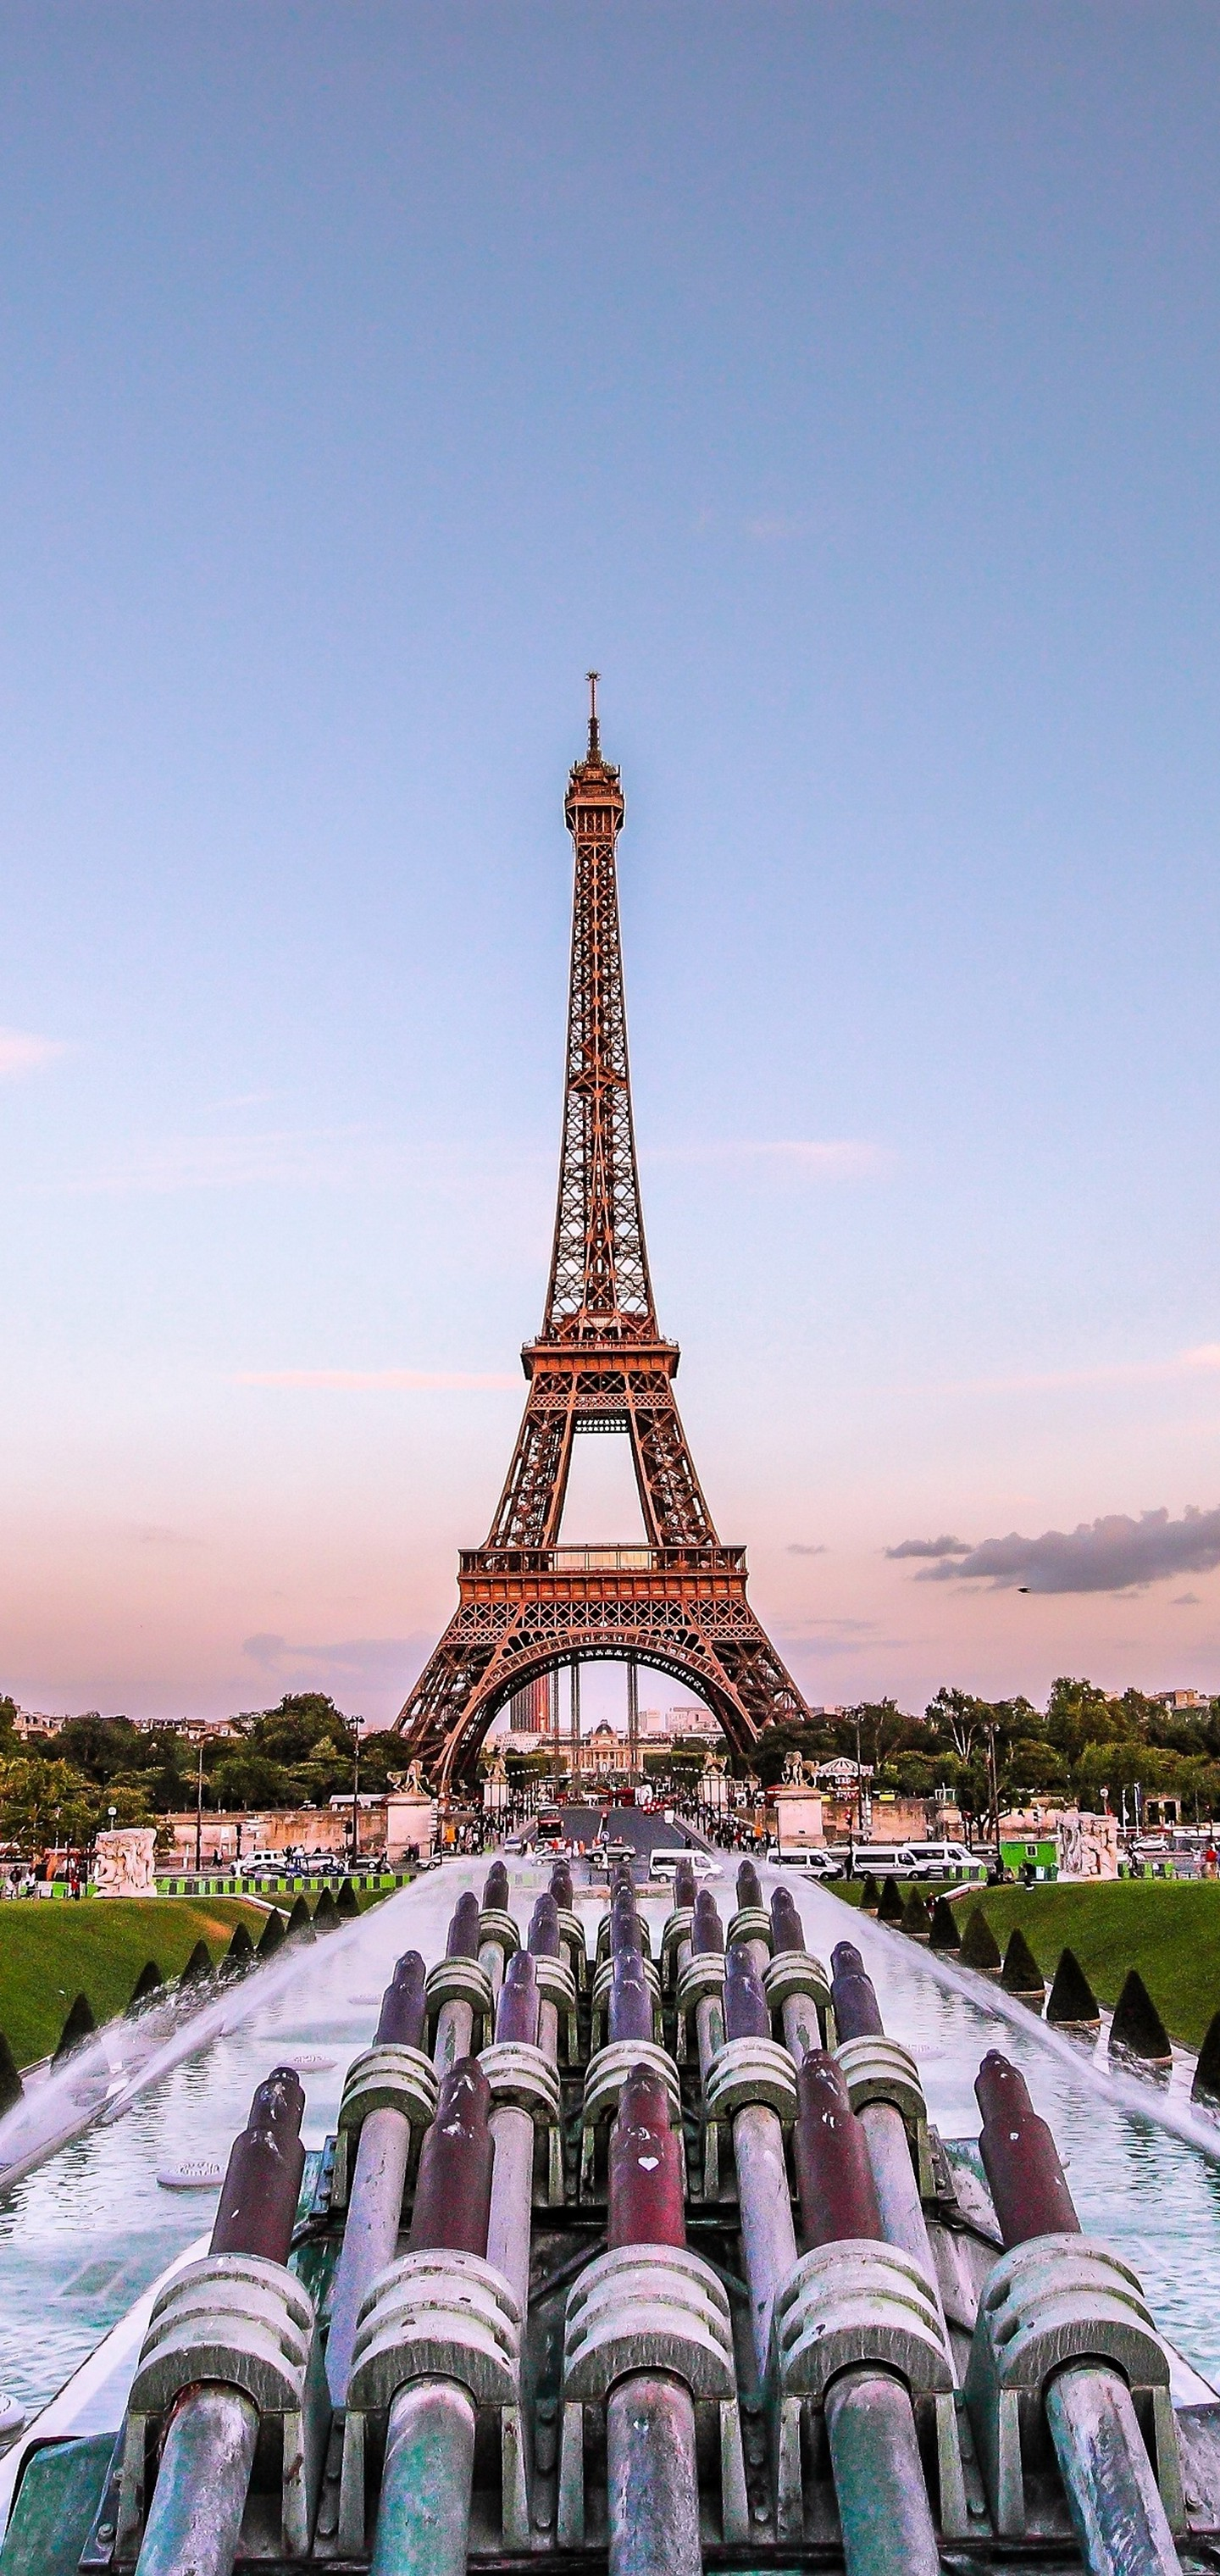 Eiffel Tower Paris Gold Evening France Wallpaper - [1440x3040]